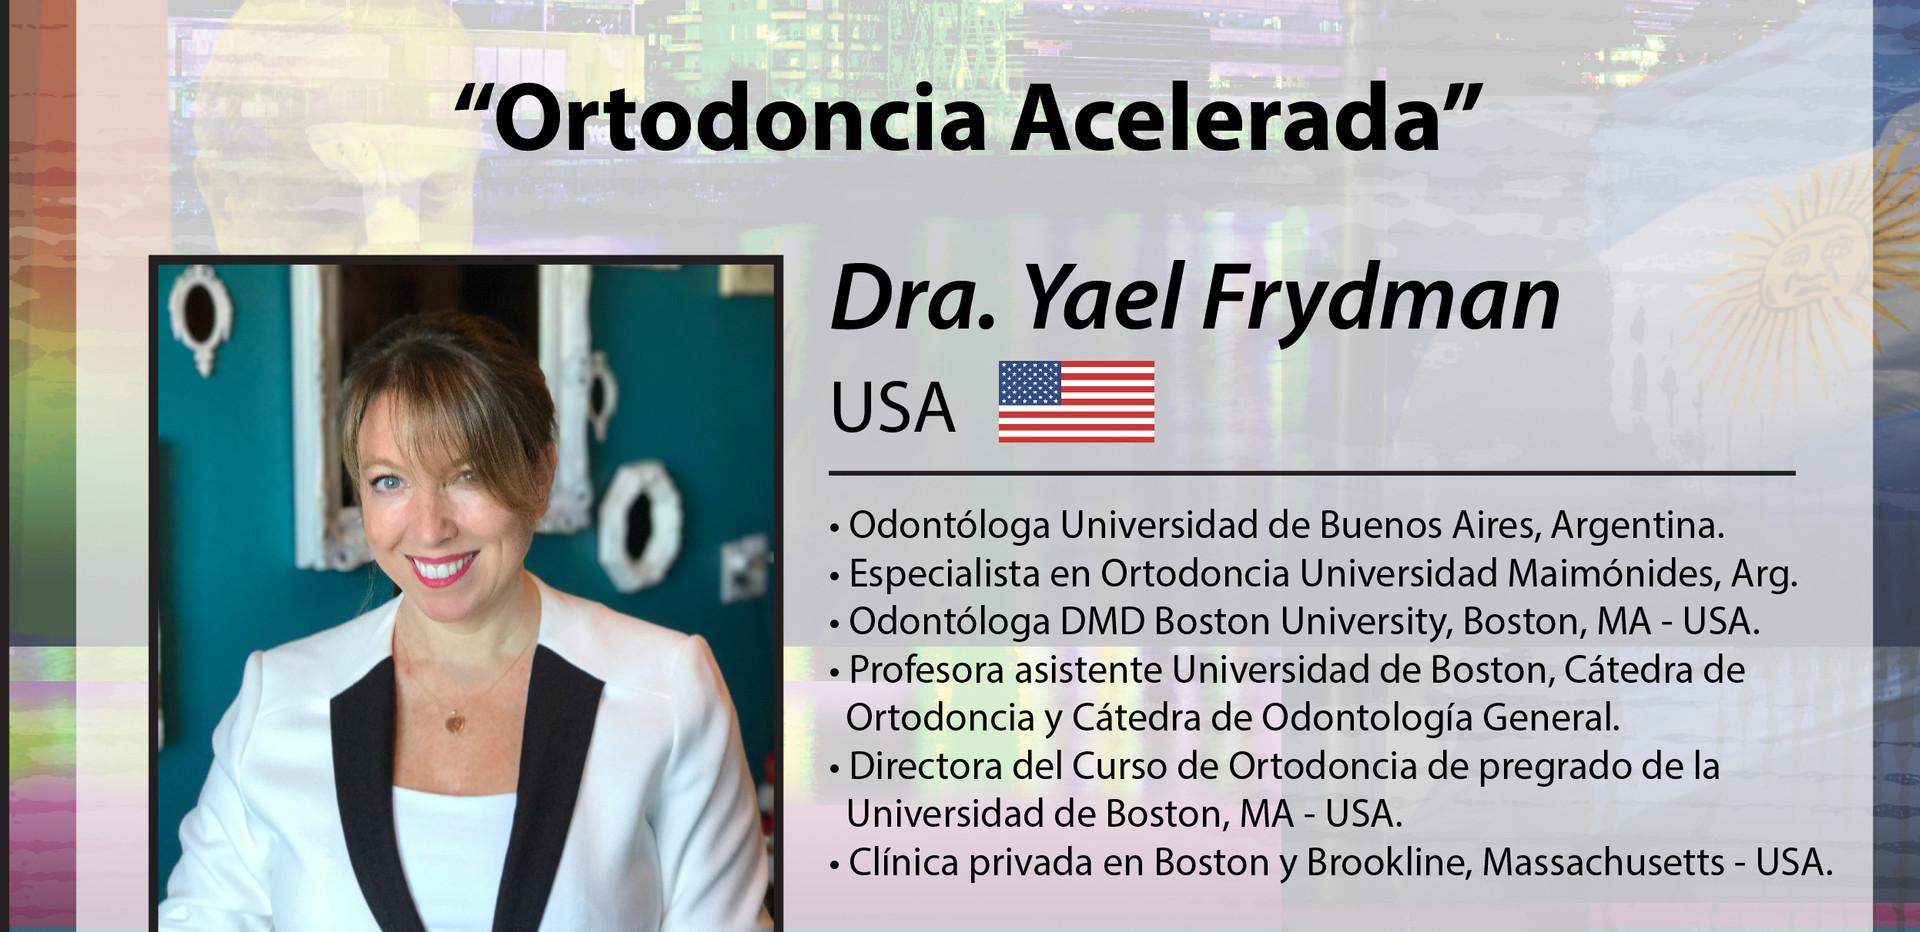 Dra. Yael Frydman